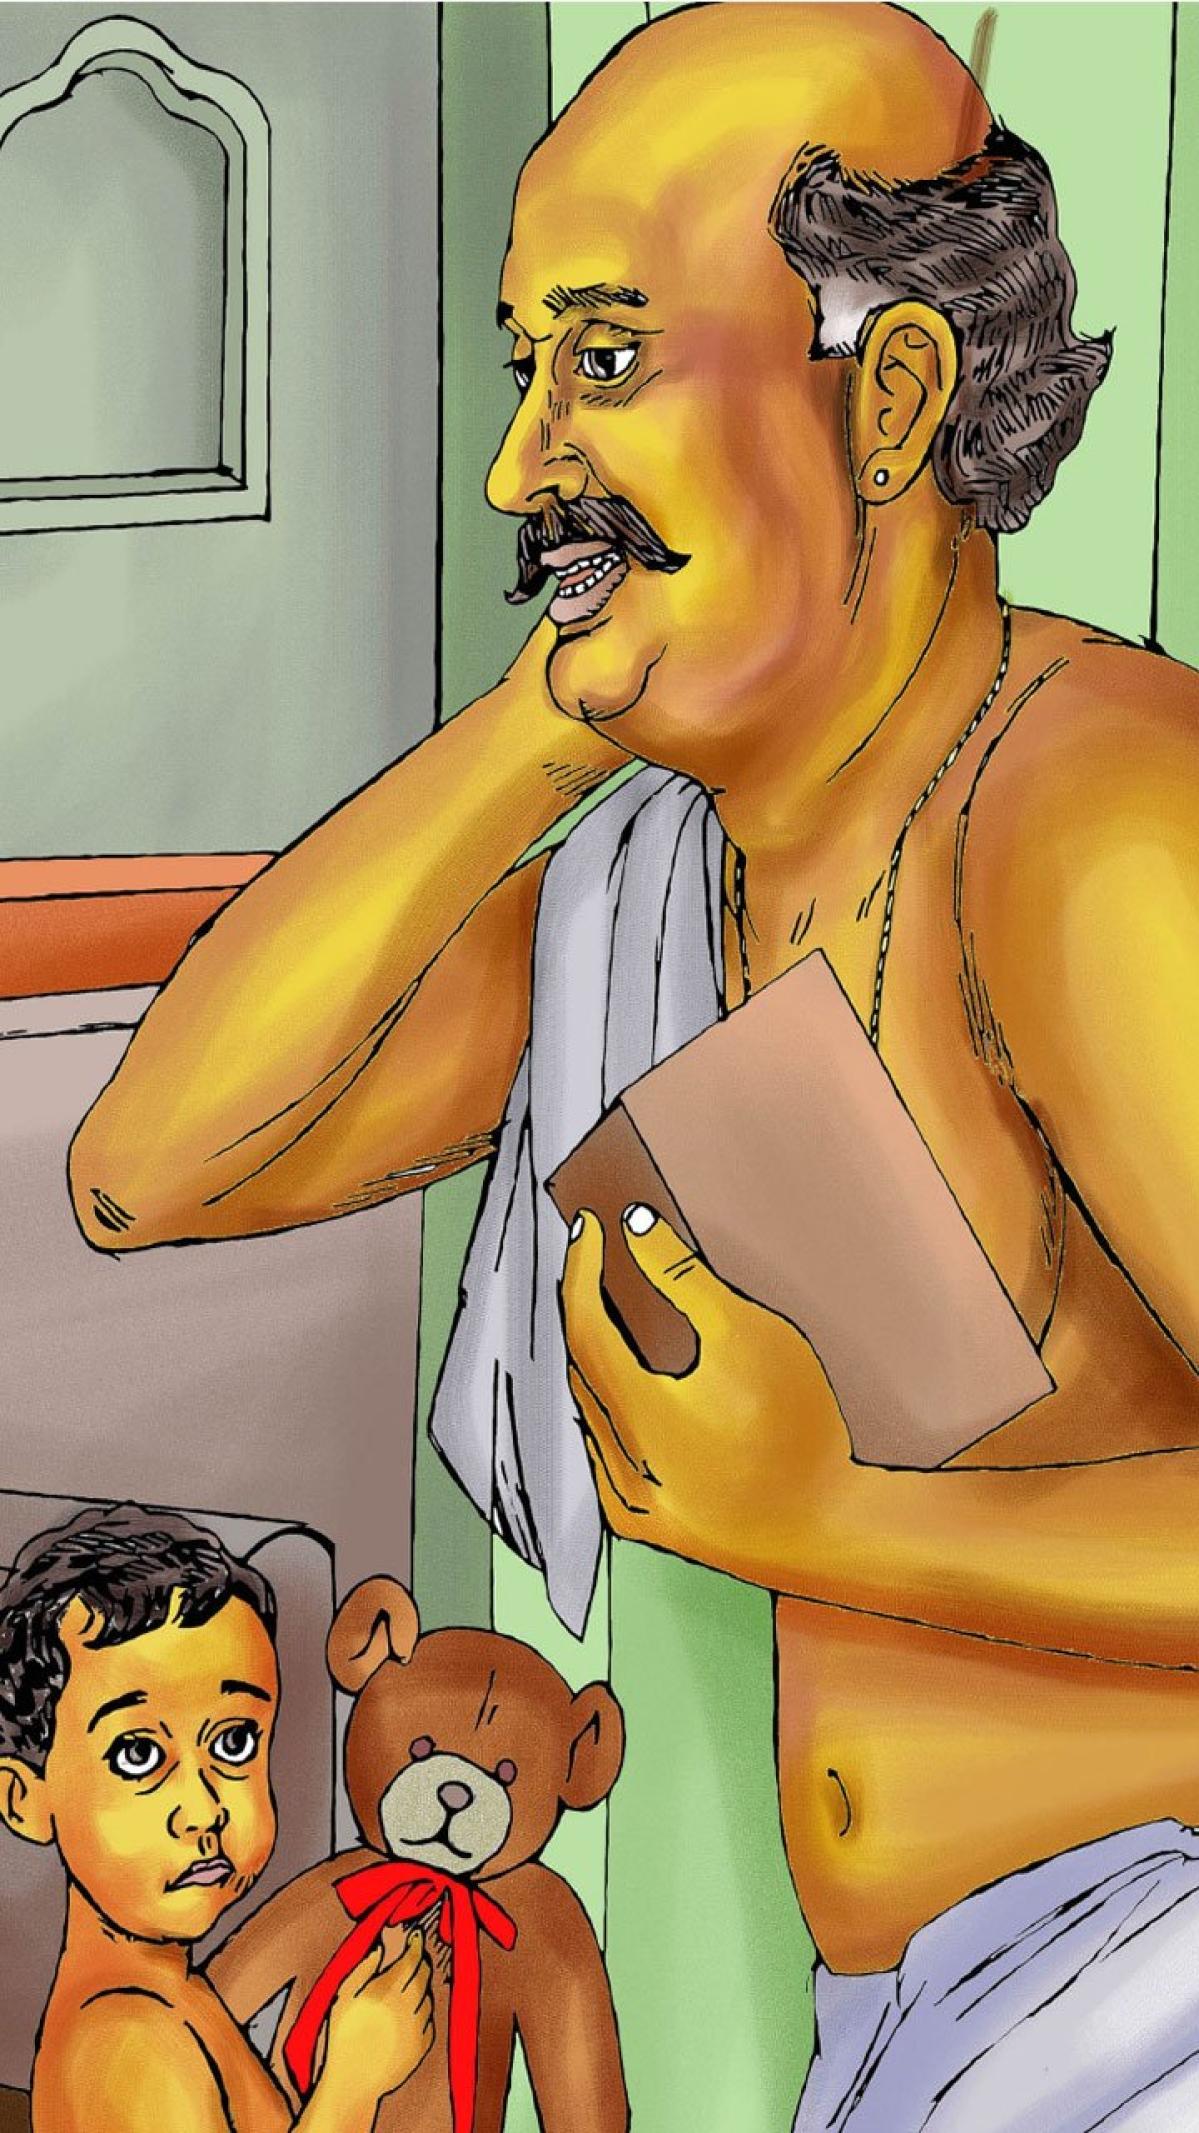 சிக்குவாரிடம் சிக்கிய குட்டி - சிறுகதை